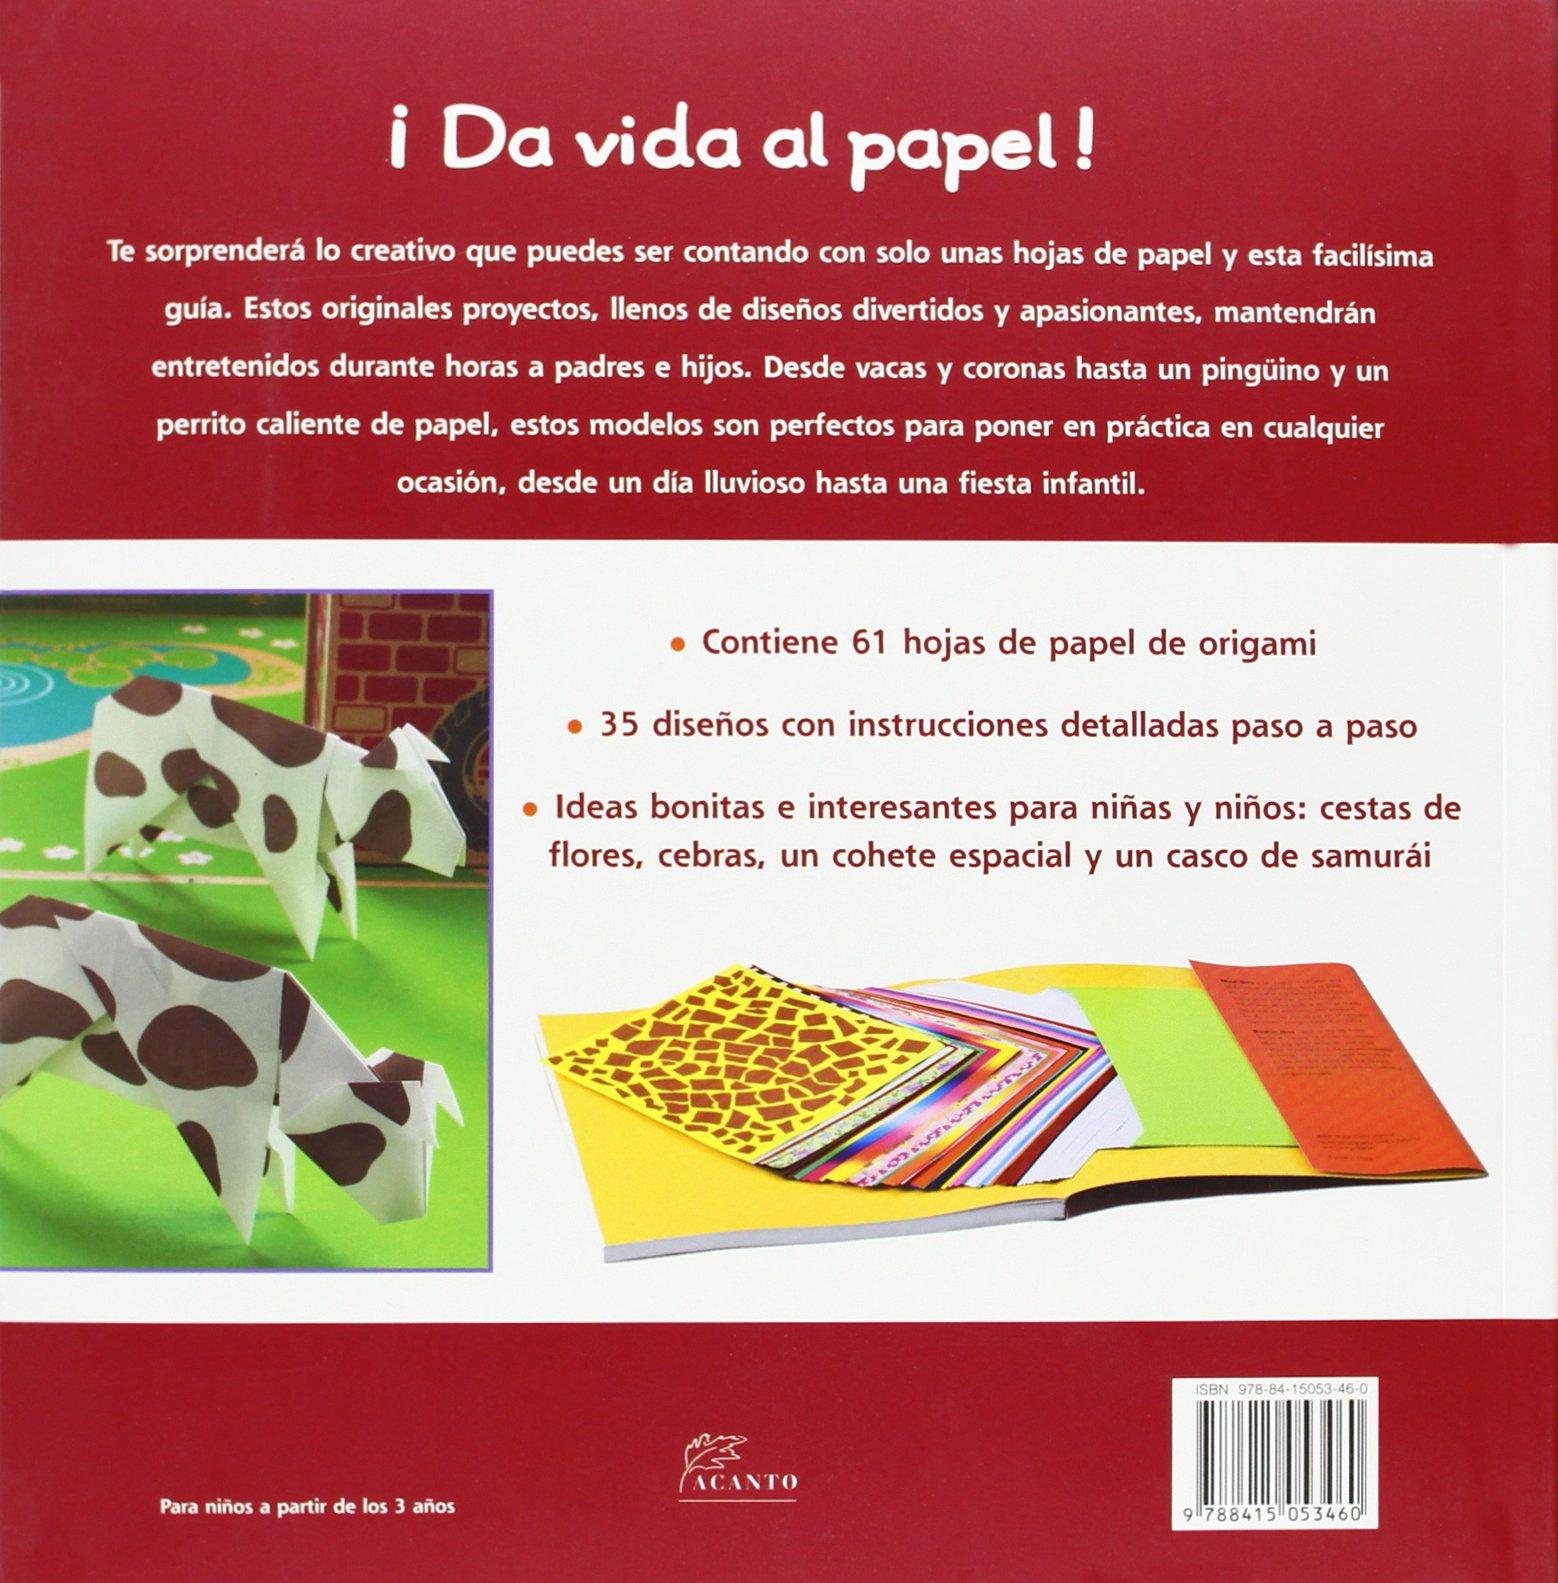 ORIGAMI PARA NI?S: Mari;Ono, Roshin Ono: 9788415053460: Amazon.com: Books